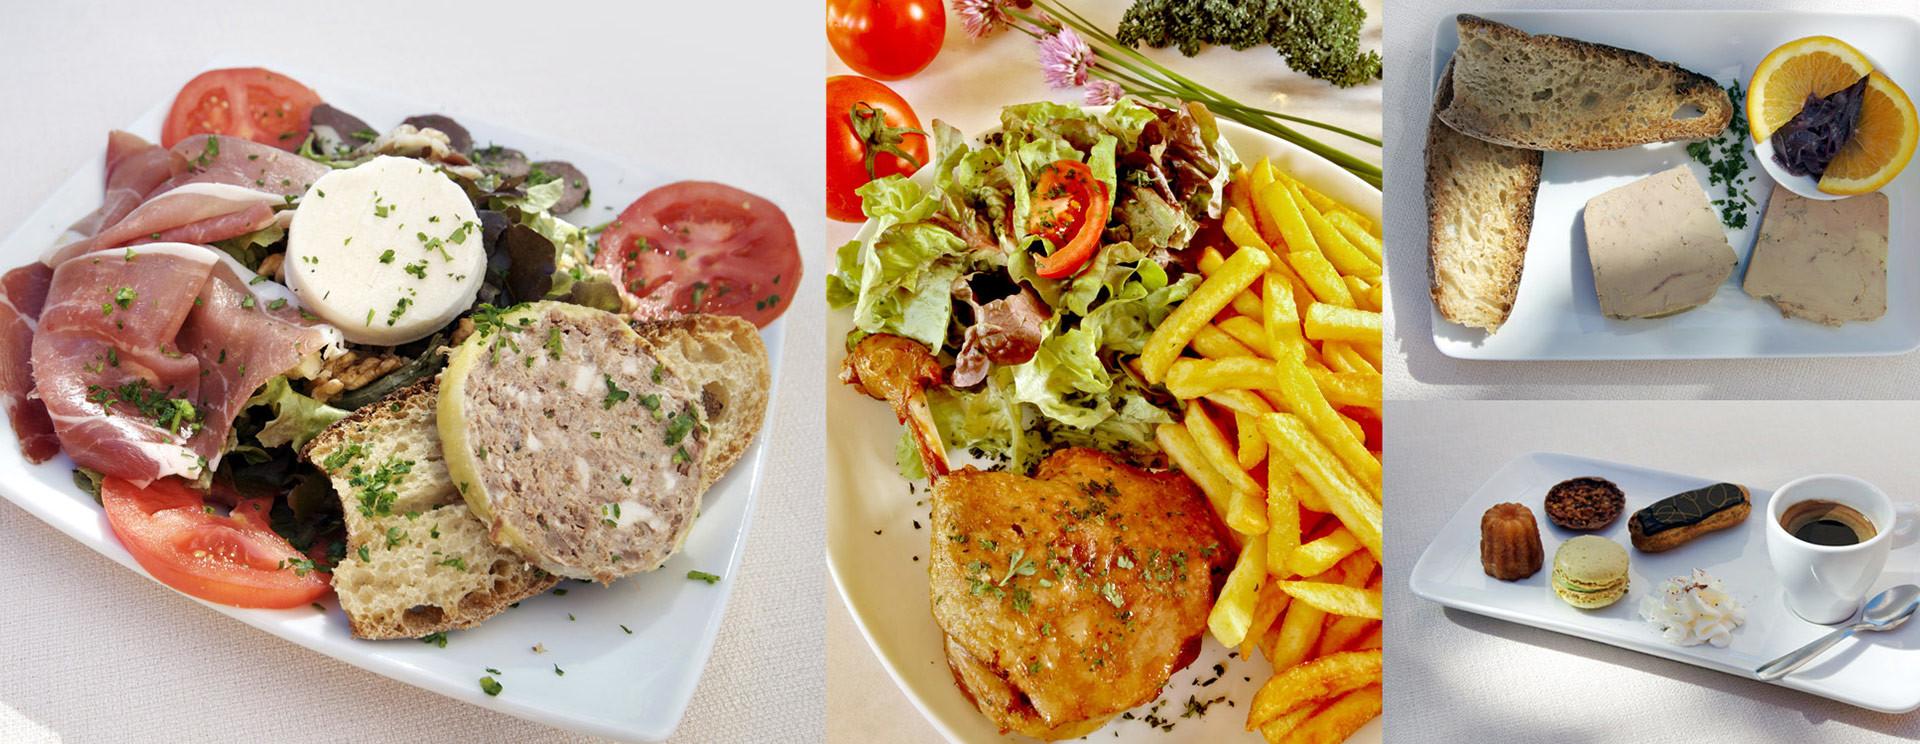 Un déjeuner Périgourdin ou un encas au cours de votre belle visite.